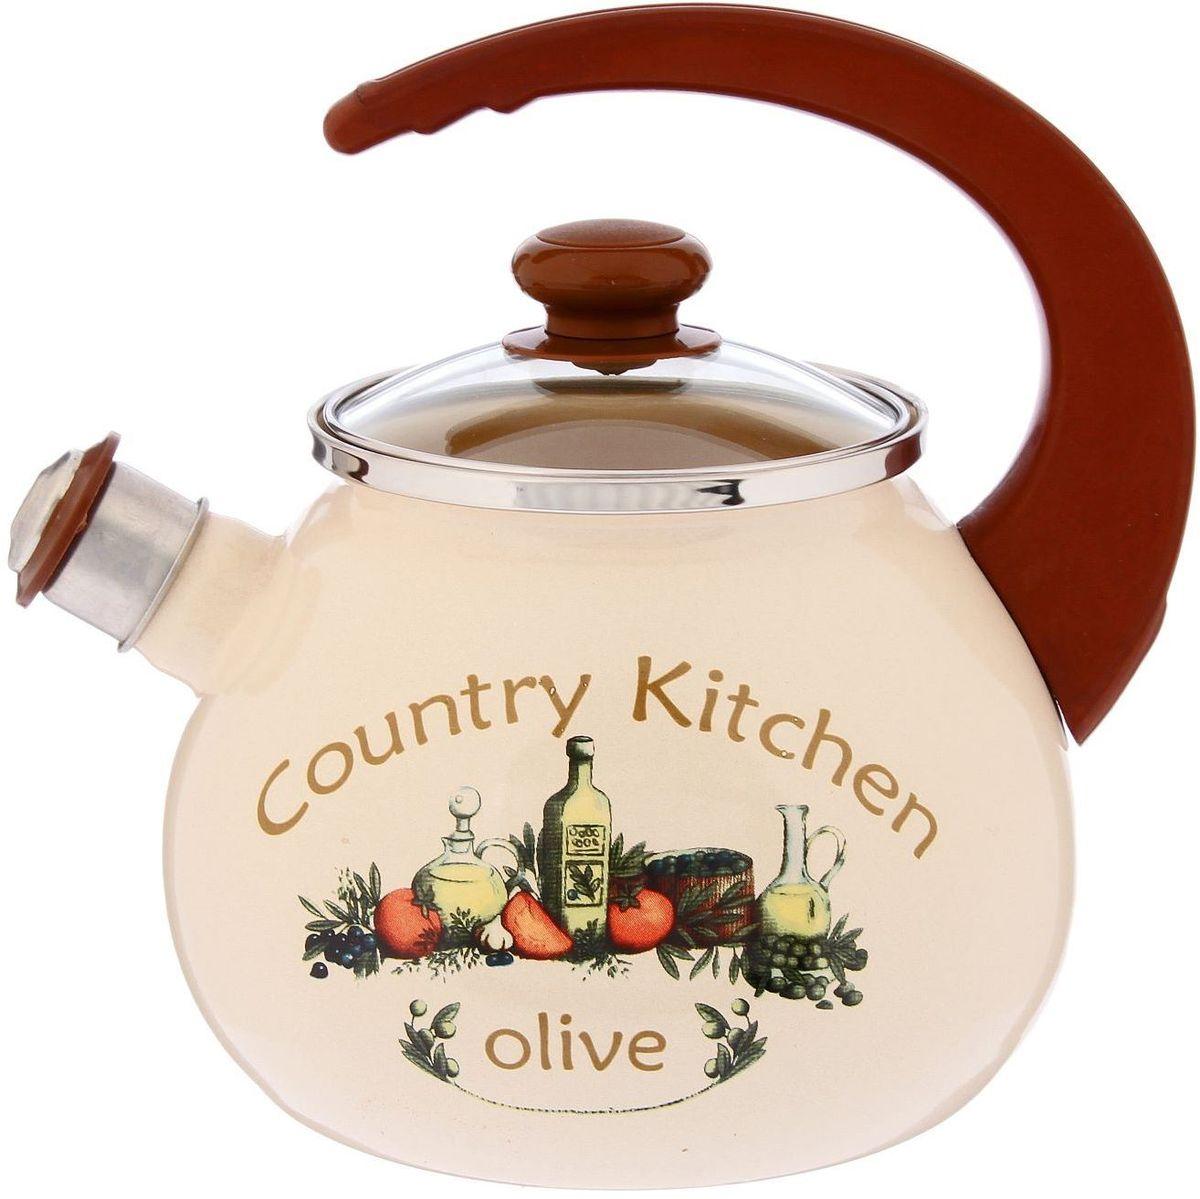 Чайник Epos Olive, 2,5 л2293405Согласитесь, и профессиональному повару, и любителю поэкспериментировать на кухне, и тому, кто к стряпанью не имеет никакого отношения, не обойтись без элементарных предметов, столовые принадлежности, аксессуары для приготовления и хранения пищи — незаменимые вещи для всех, кто хочет порадовать свою семью аппетитными блюдами. Душевная атмосфера и со вкусом накрытый стол всегда будут собирать в вашем доме близких и друзей.